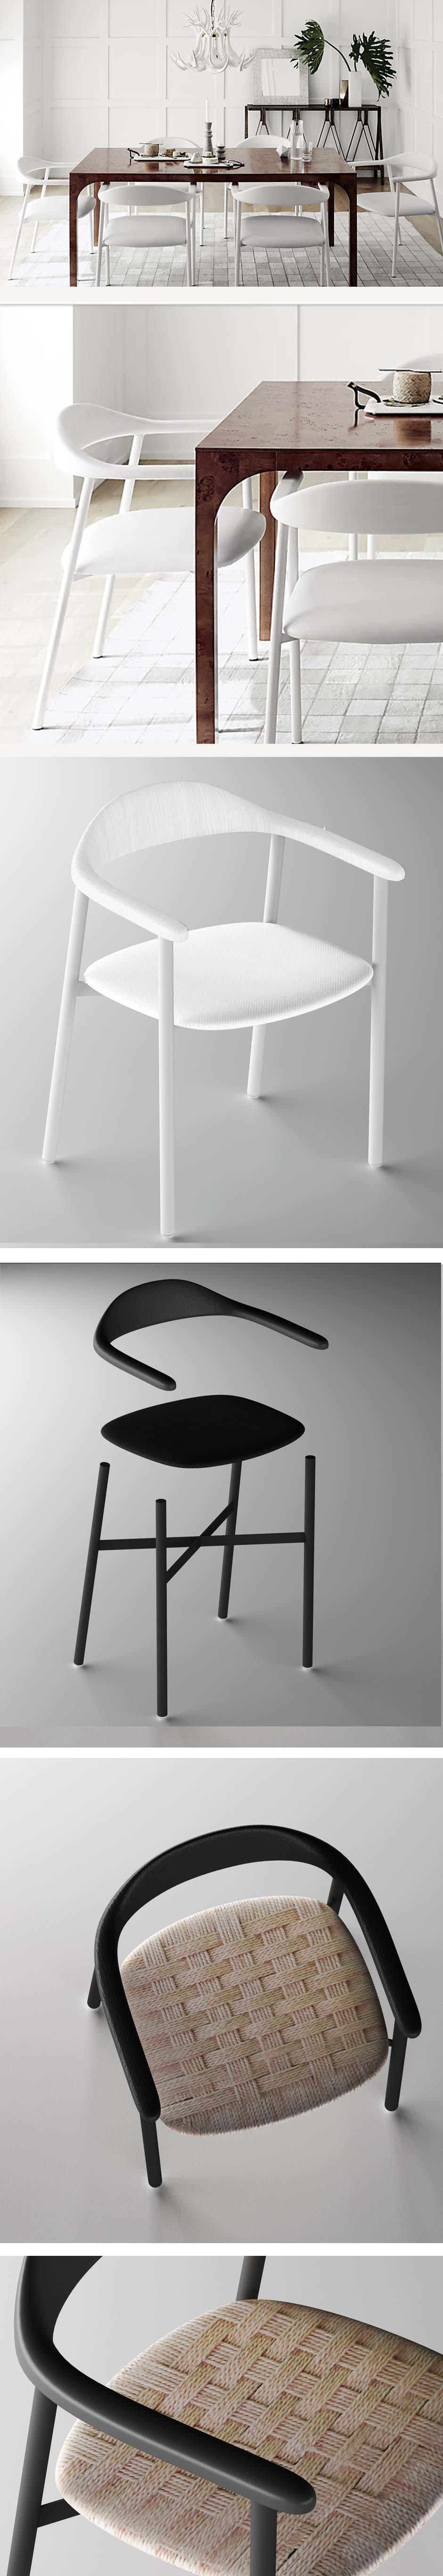 thea-chair